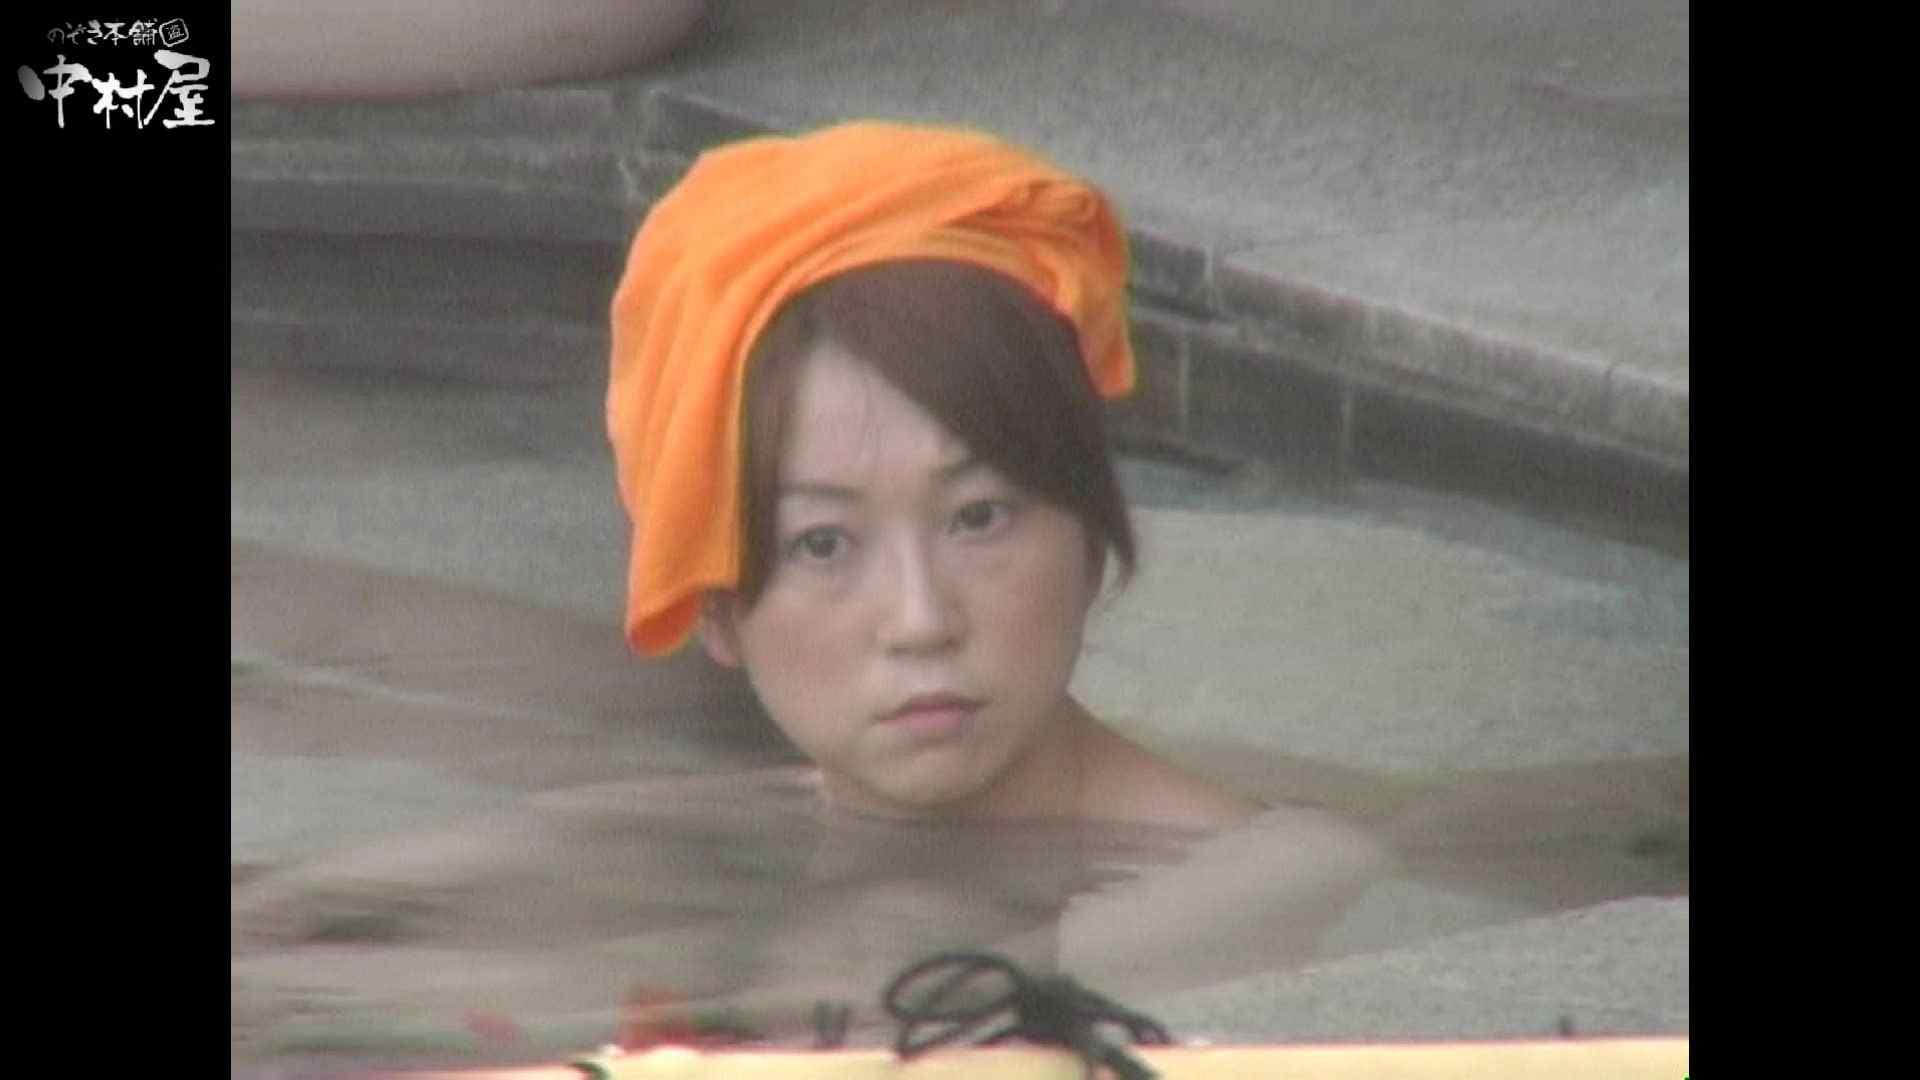 Aquaな露天風呂Vol.941 OLのエロ生活 アダルト動画キャプチャ 107連発 65